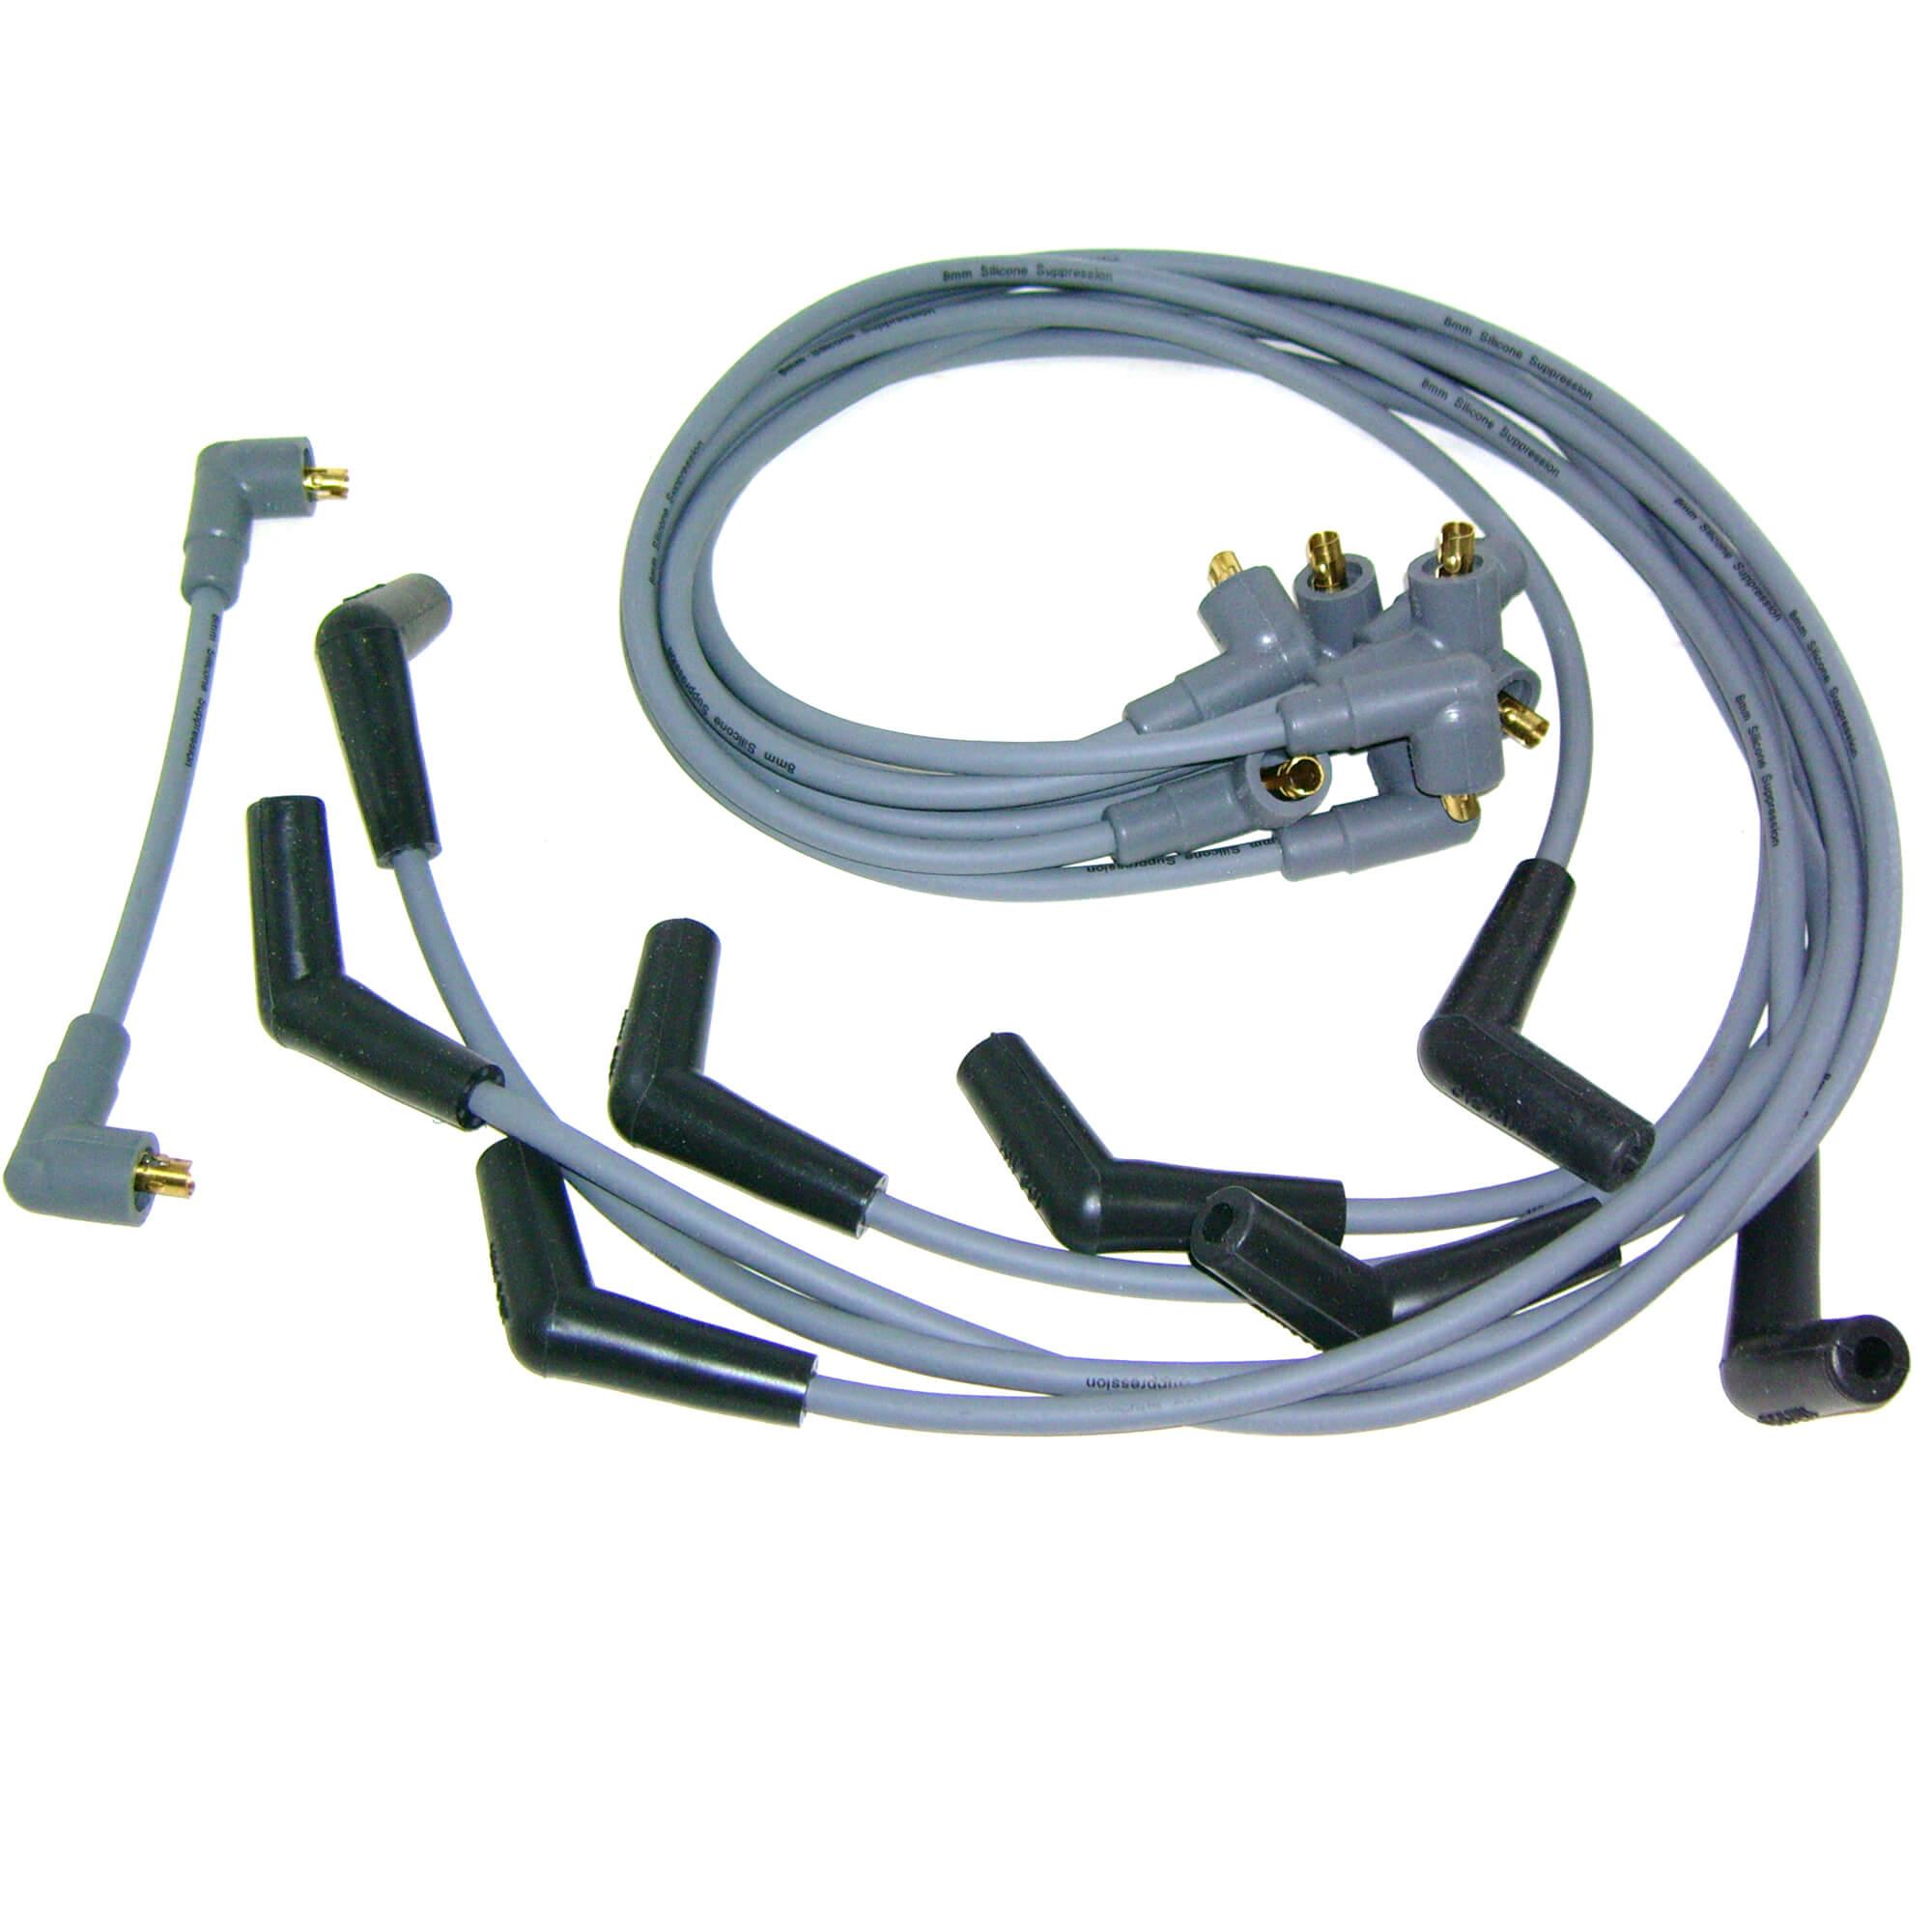 5.7L Volvo Penta New OEM Ignition Spark Plug Wire Set 3888328 V8 5.0L 8.1L